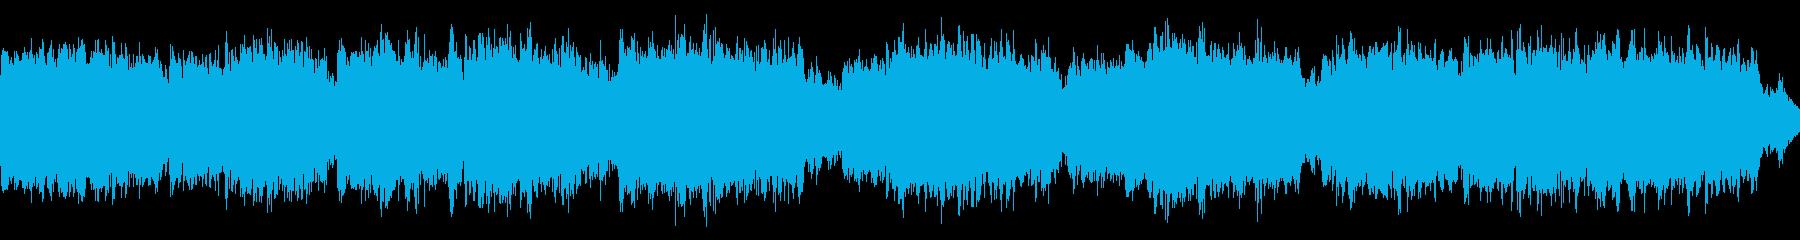 桜をイメージした切ない曲[ループ用]の再生済みの波形